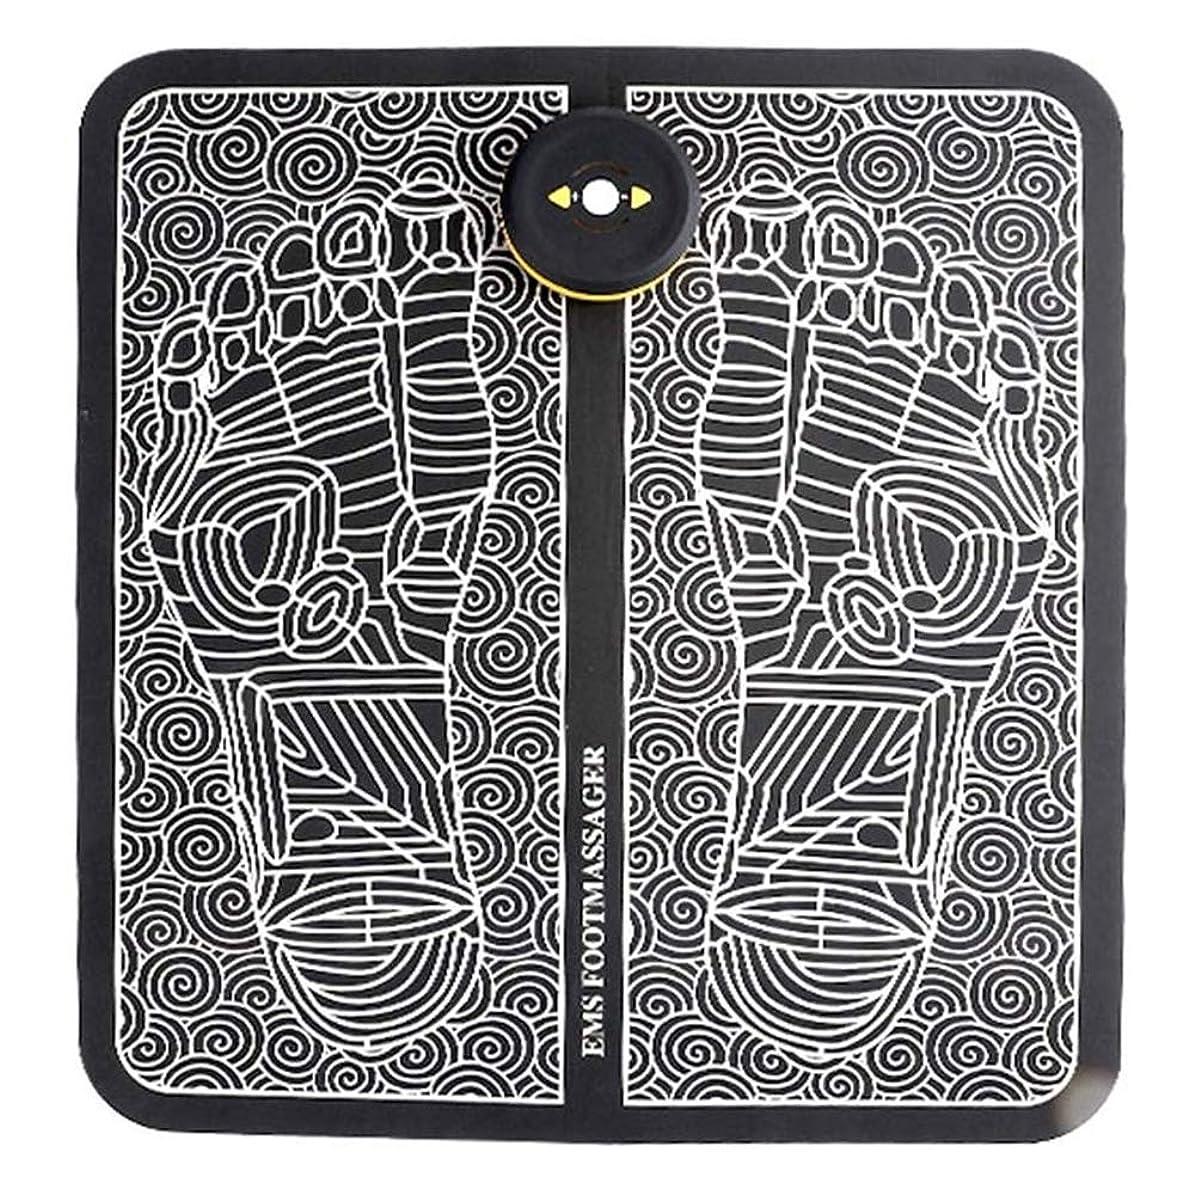 アラブジャベスウィルソンファセットEMSフットマッサージ器、USB充電式折りたたみ携帯用電気マッサージマット、電子筋Stimulatior足マッサージ促進血液循環筋肉の痛みを軽減